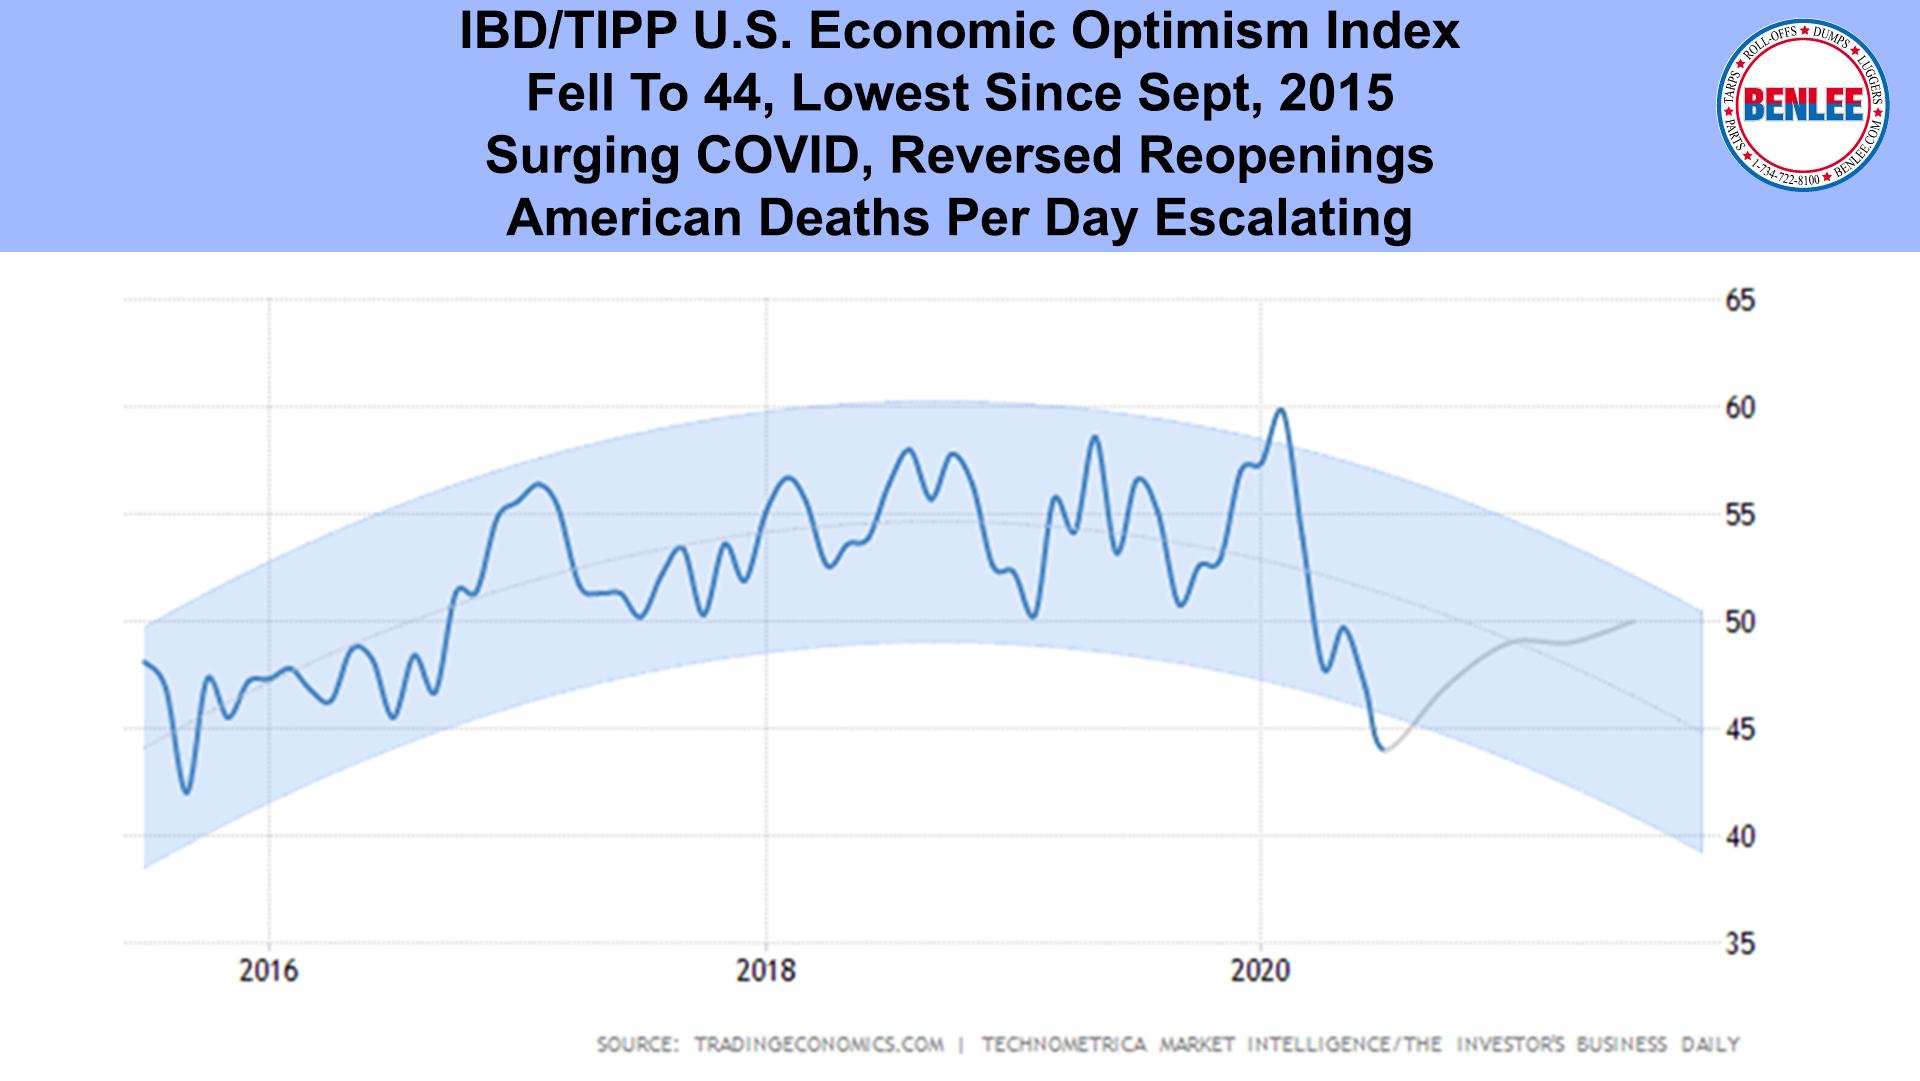 IBD-TIPP U.S. Economic Optimism Index